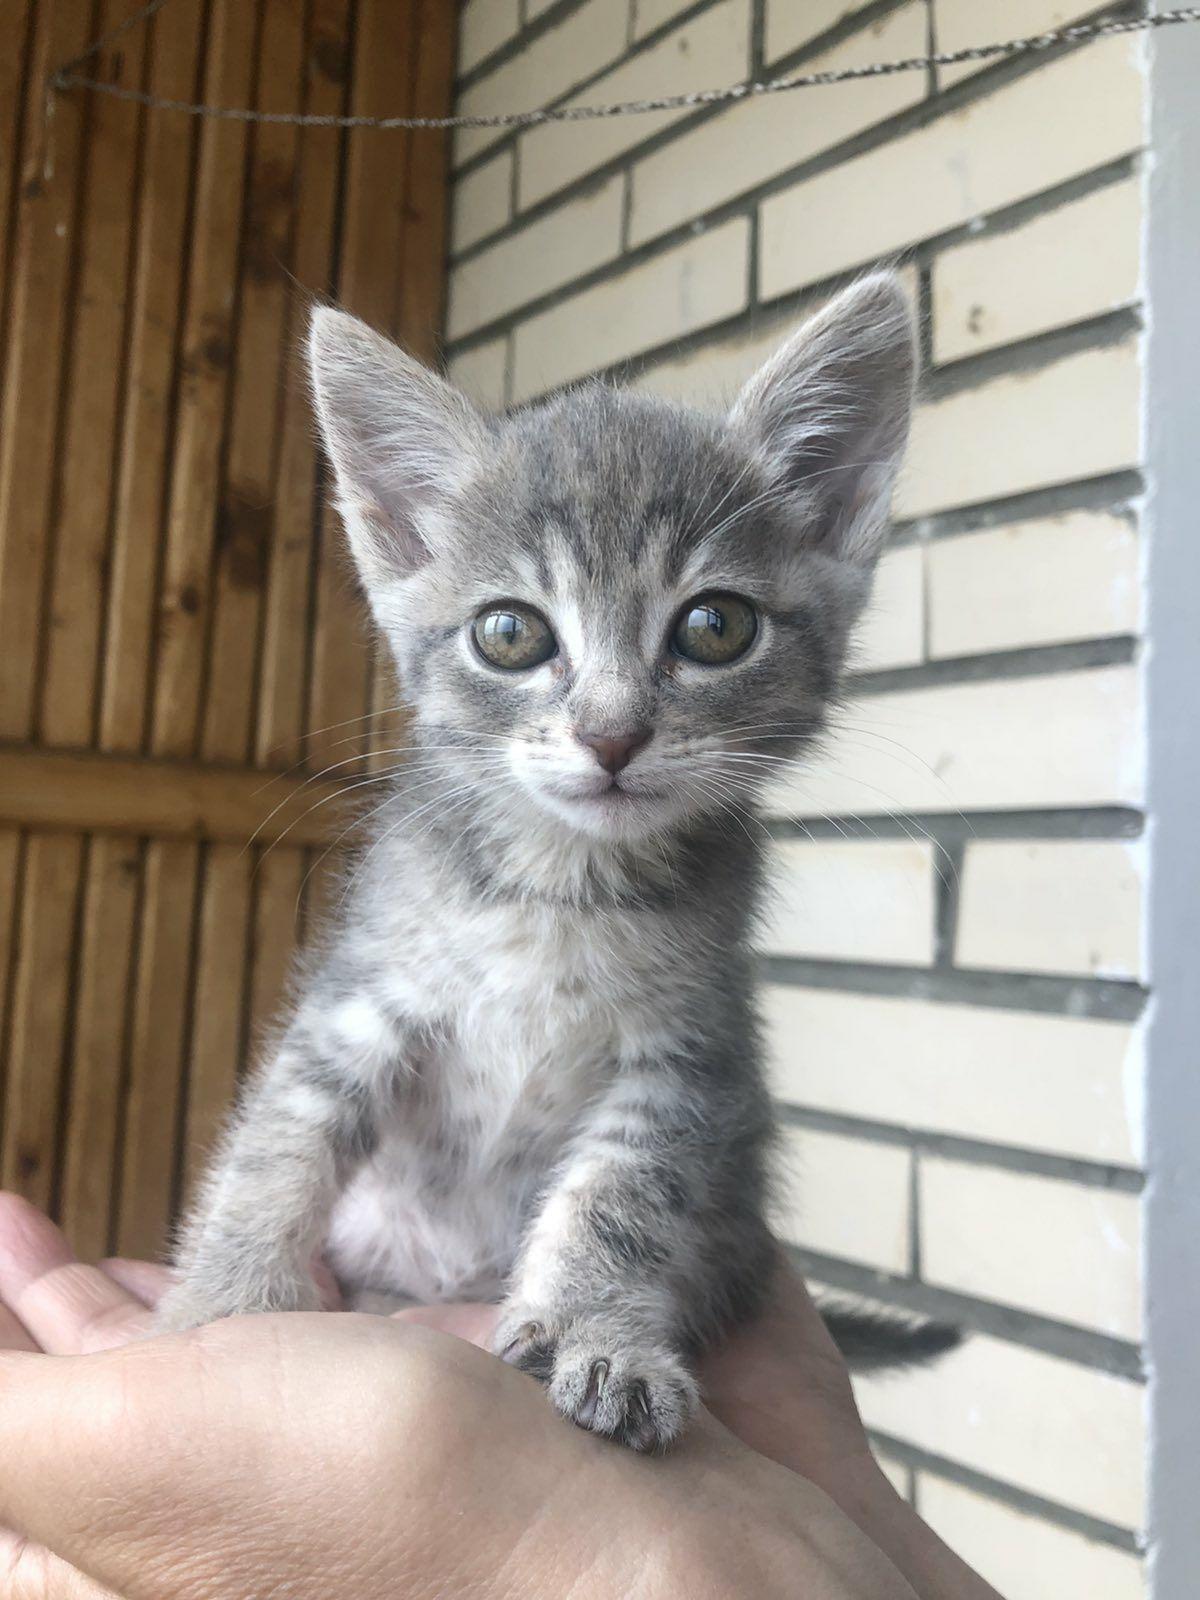 Котёнок девочка 1,5мес в поисках семьи, котята, кошка, кот, кошечка